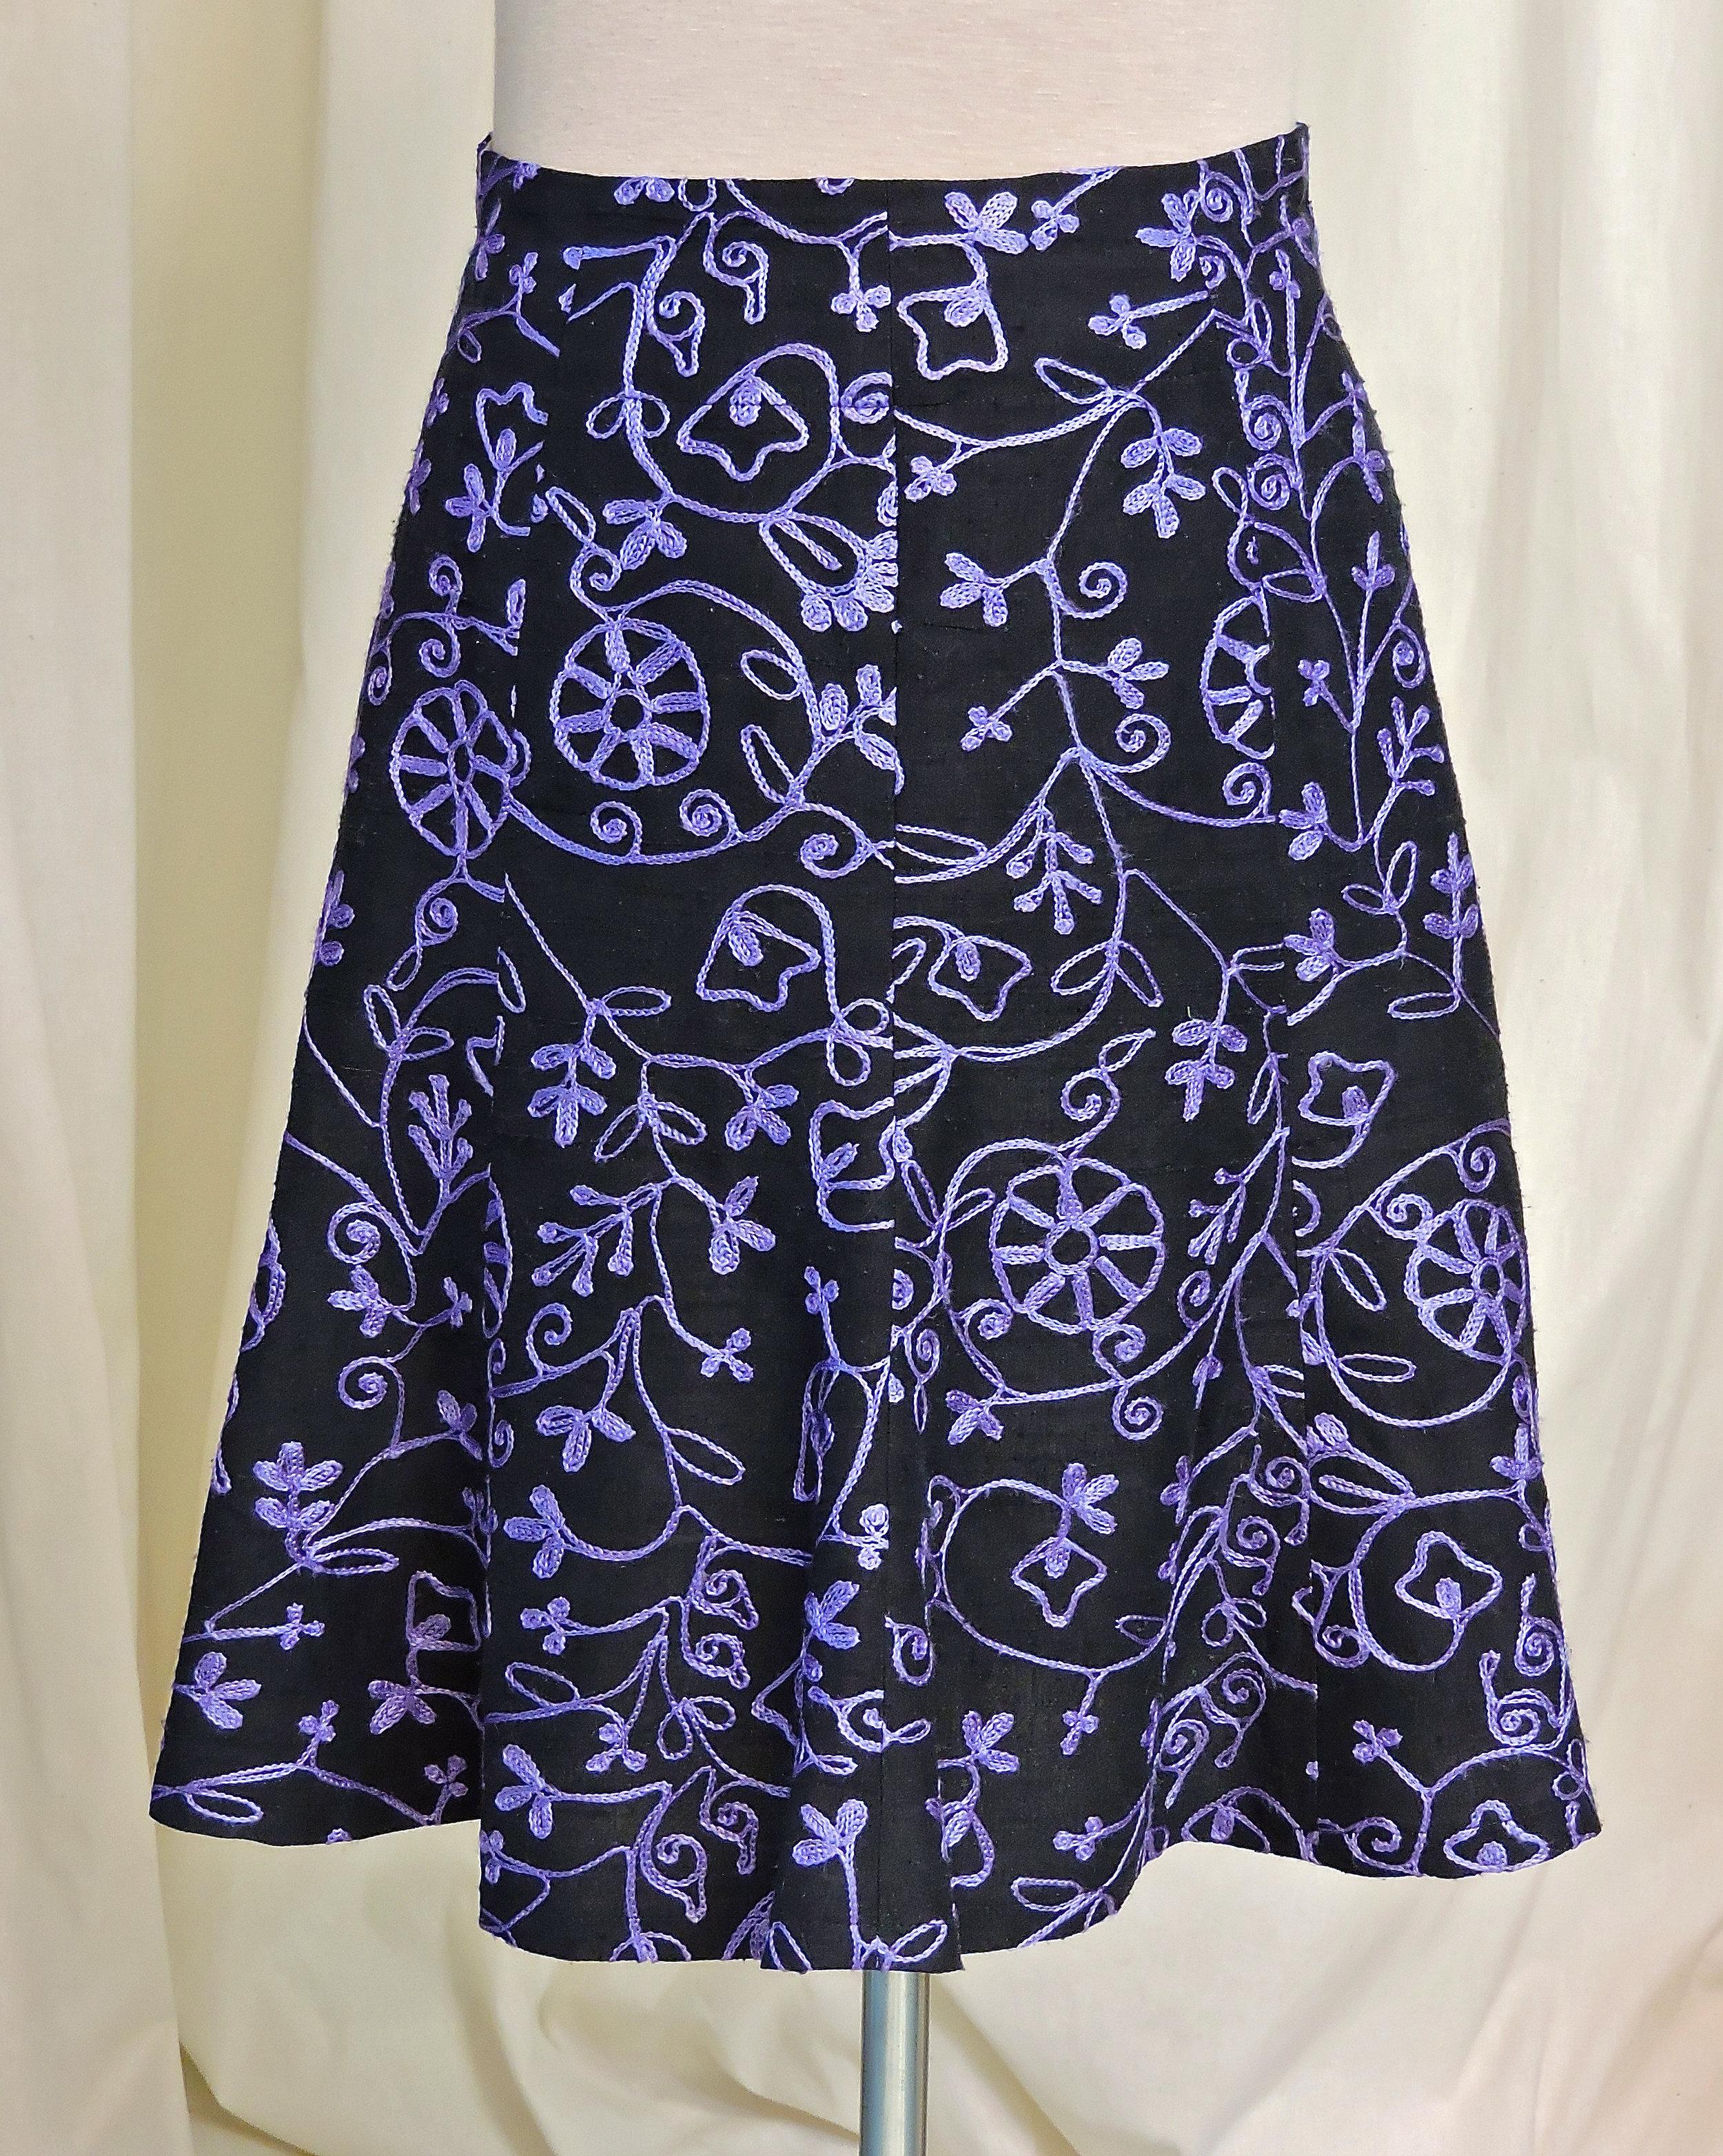 skirt19_front.jpg